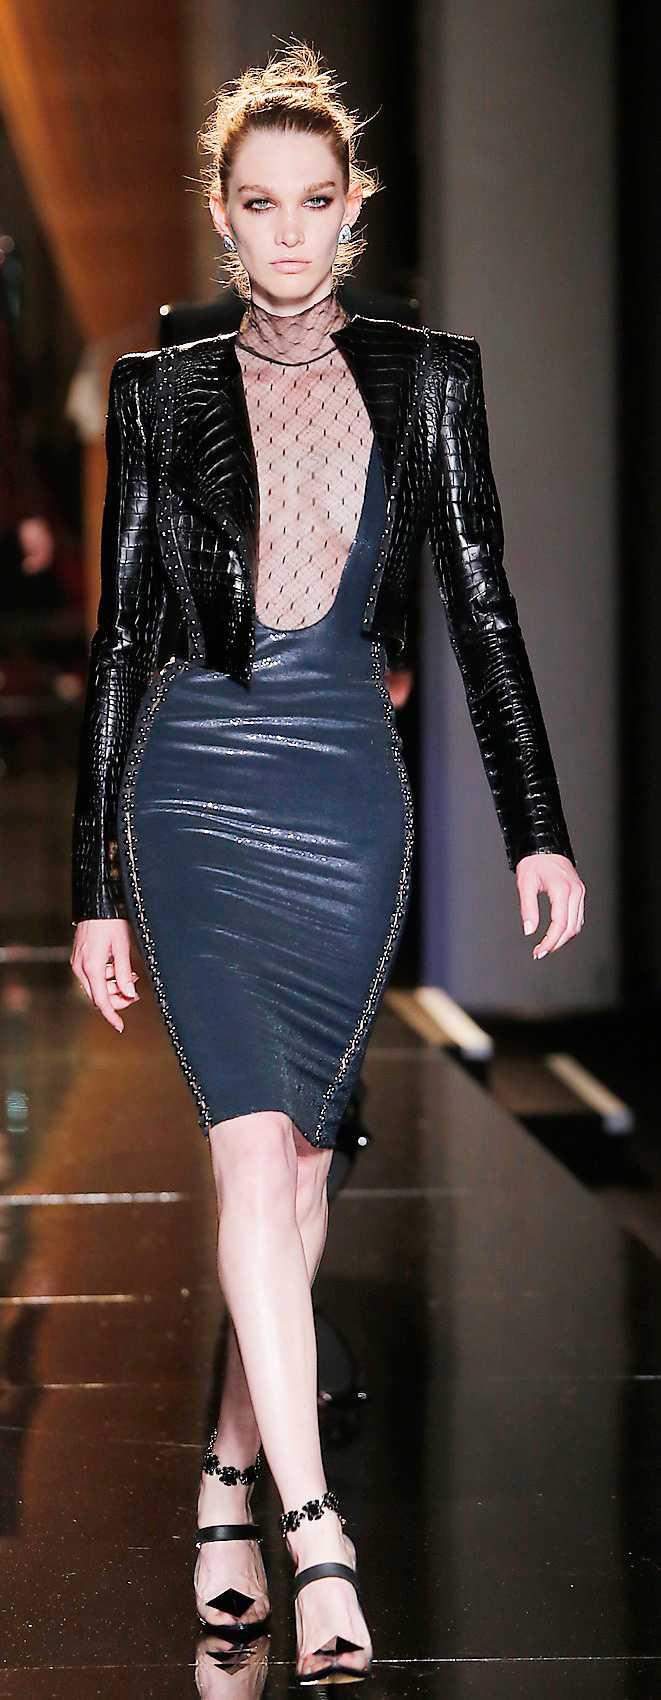 PUNK Versace, Saint Laurent och Junya Watanabe är några av alla de stora modehus som plockat upp säsongens hetaste trend – punk. Gå all in och kör punk från topp till tå, eller bryt av en klassisk, basfärgad, outfit med punkelement som en jacka eller accessoar. Här Atelier Versace.